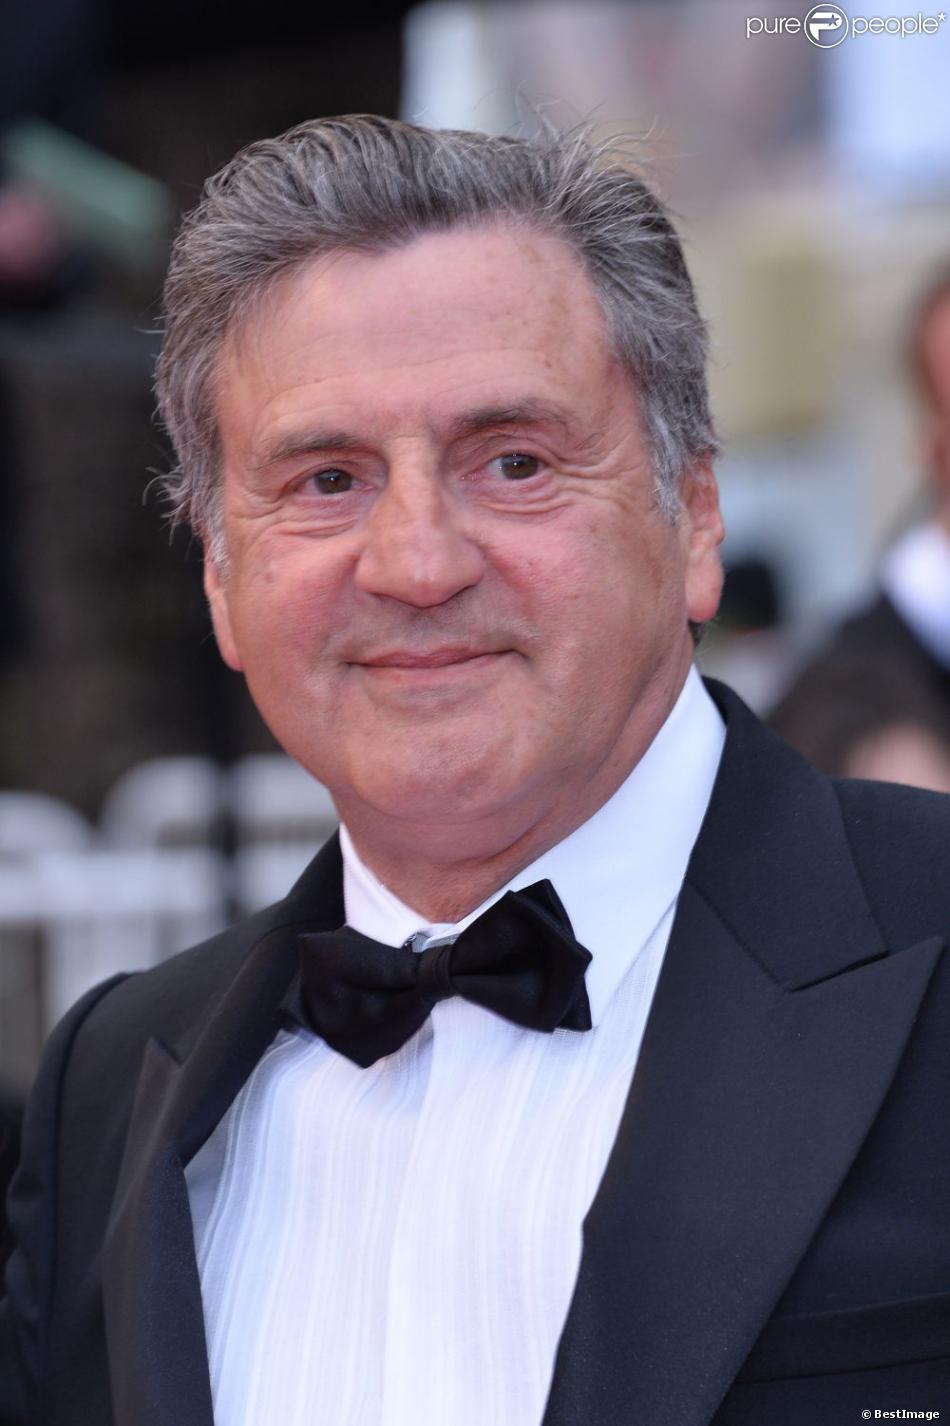 Daniel Auteuil lors du Festival de Cannes 2013, en tant que membre du jury